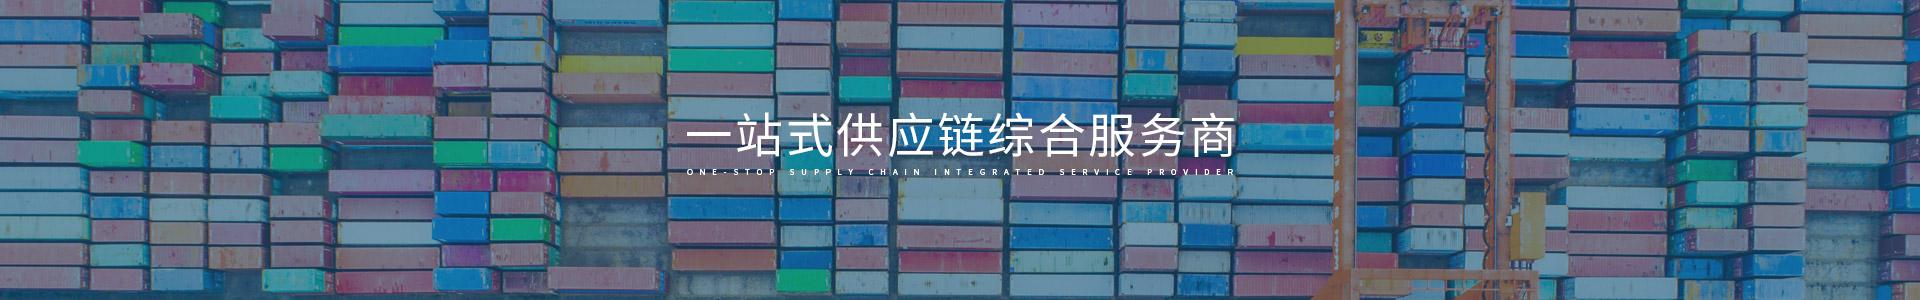 河南重联,一站式供应链综合服务商